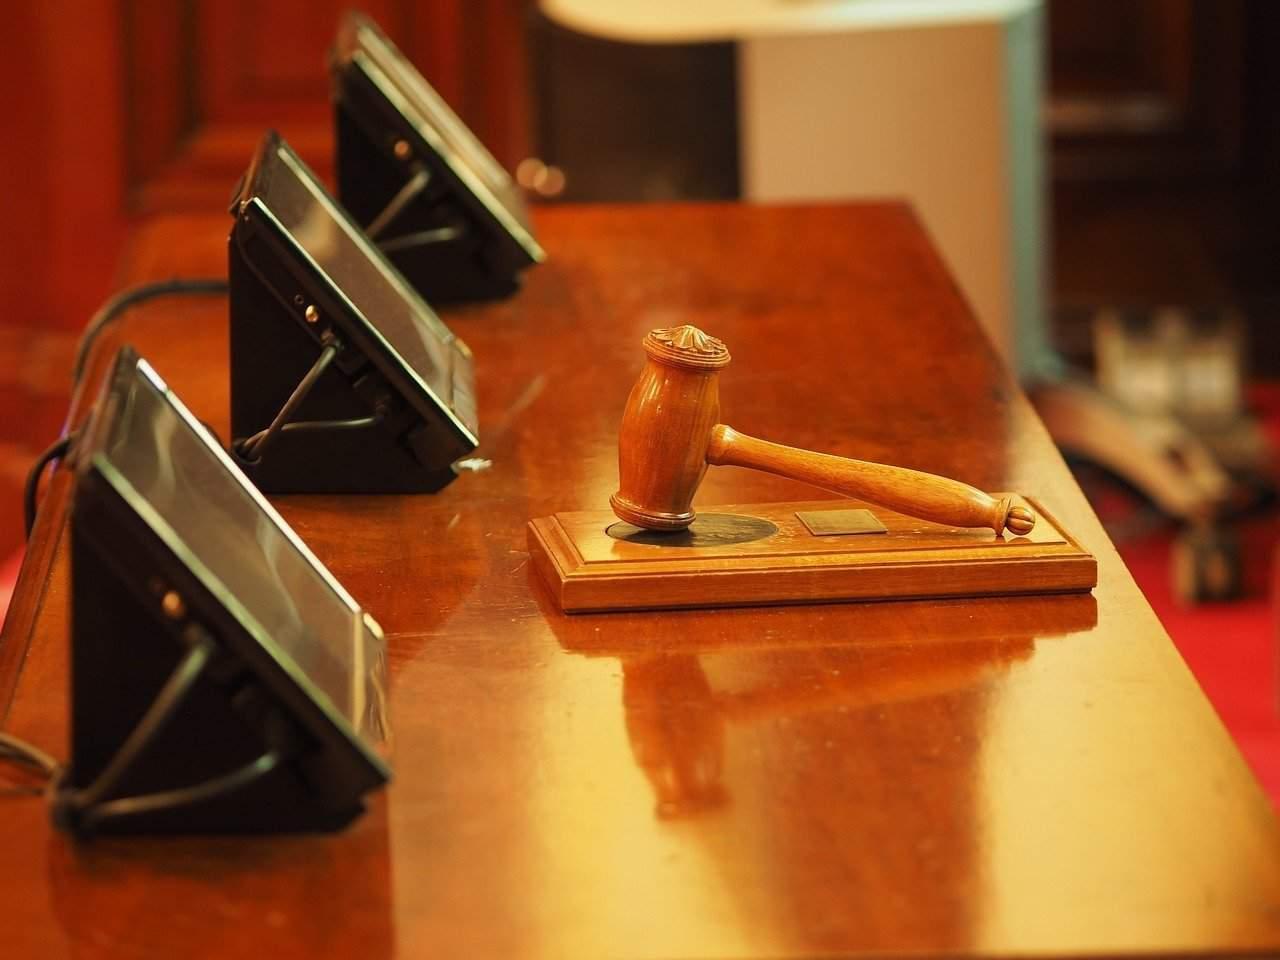 İÜHF idare kürsüsü tarafından 2014-2015 yılında yapılmış idari yargılama hukuku final sınavı idari yargı pratik çalışması. Hukuk Sebili aracılığı ile.